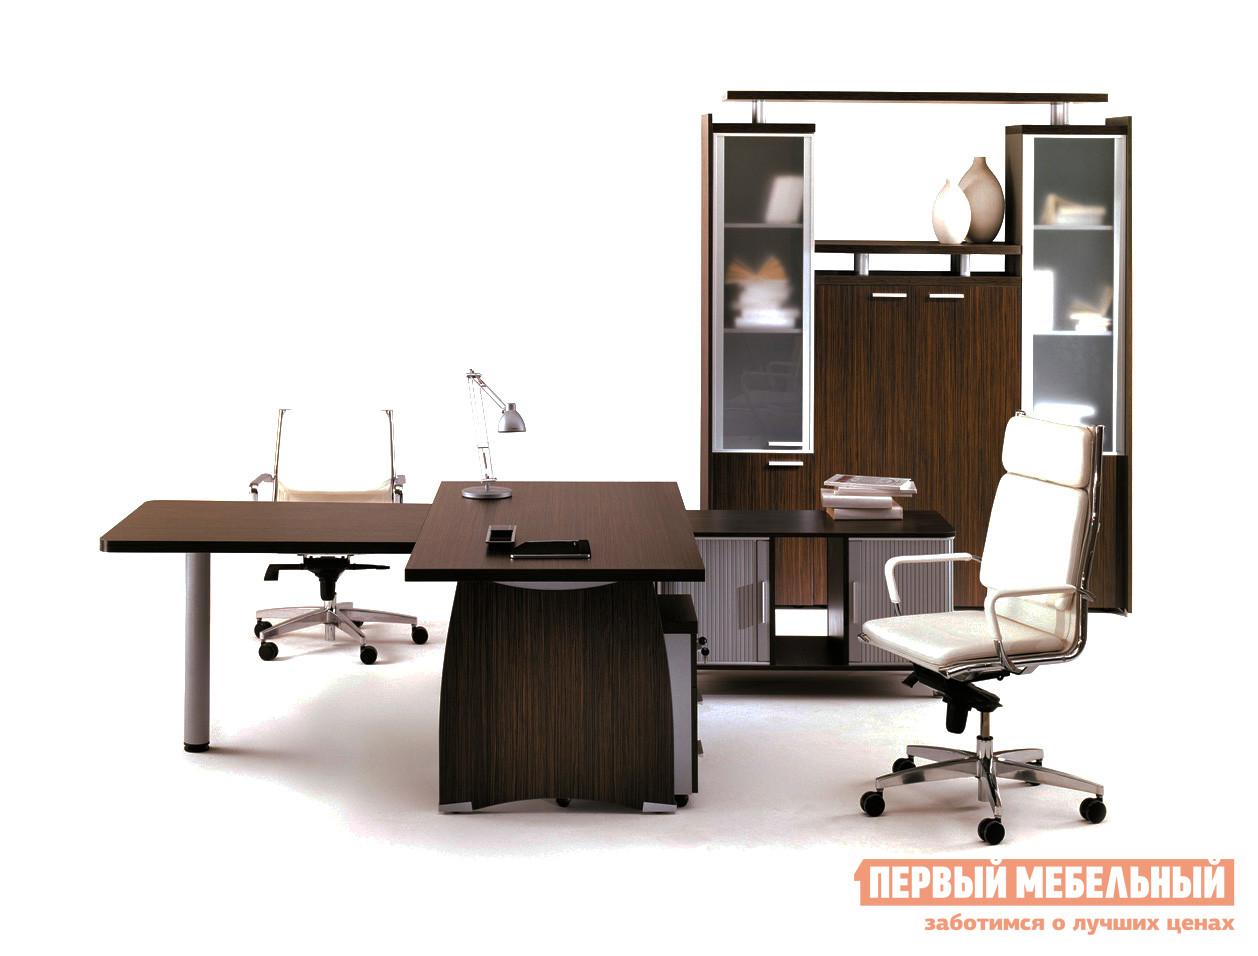 Комплект офисной мебели Гауди Флекс К3 комплект офисной мебели pointex свифт к3 темный